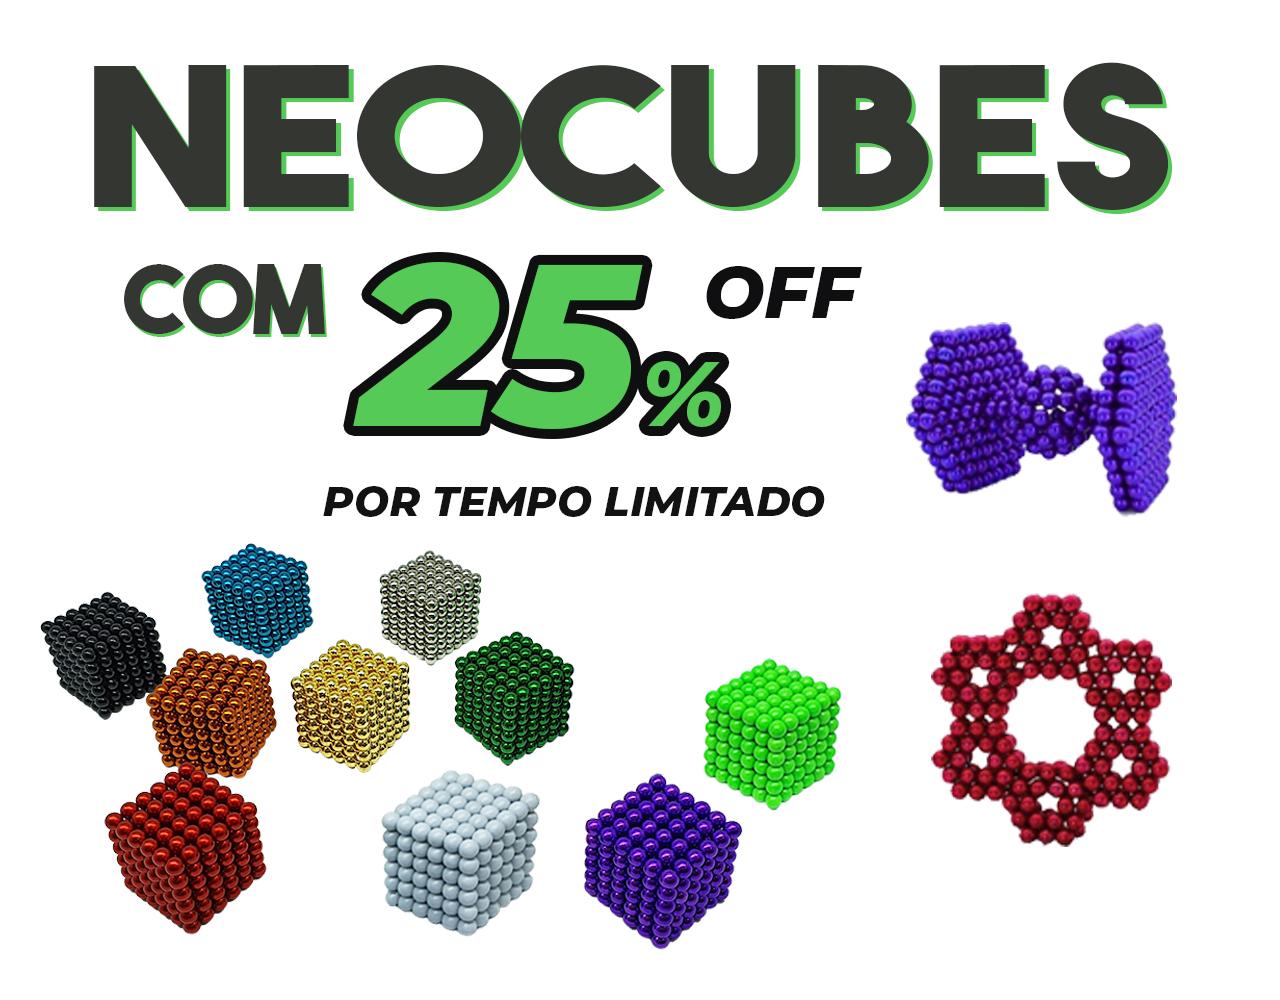 Banner principal mobile - Neocube Promo